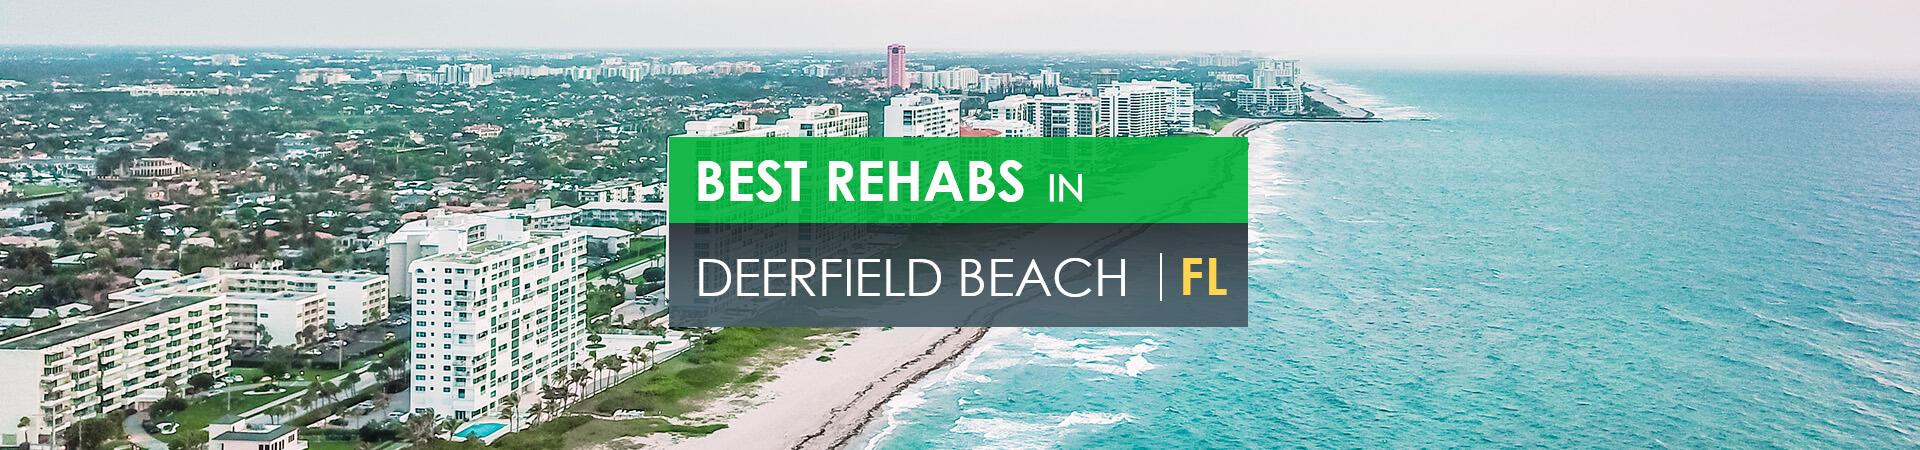 Best rehabs in Deerfield Beach, Fl